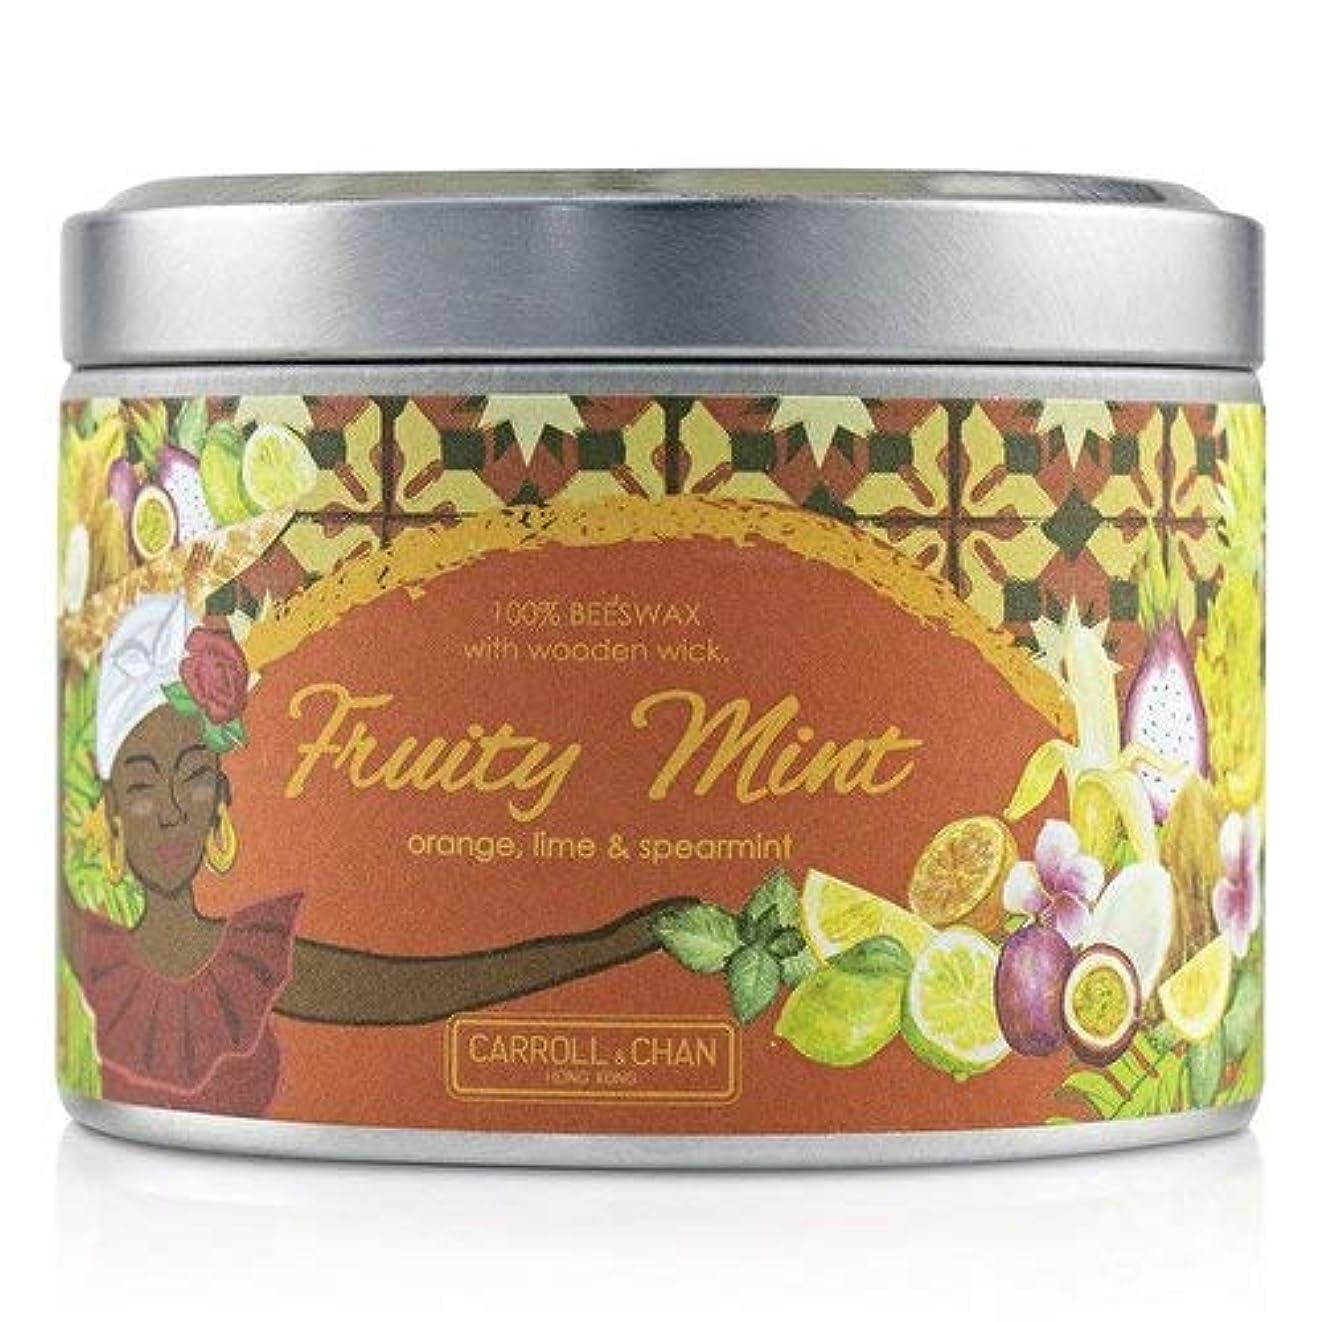 倫理事業内容ビジネスキャンドル?カンパニー Tin Can 100% Beeswax Candle with Wooden Wick - Fruity Mint (8x5) cm並行輸入品